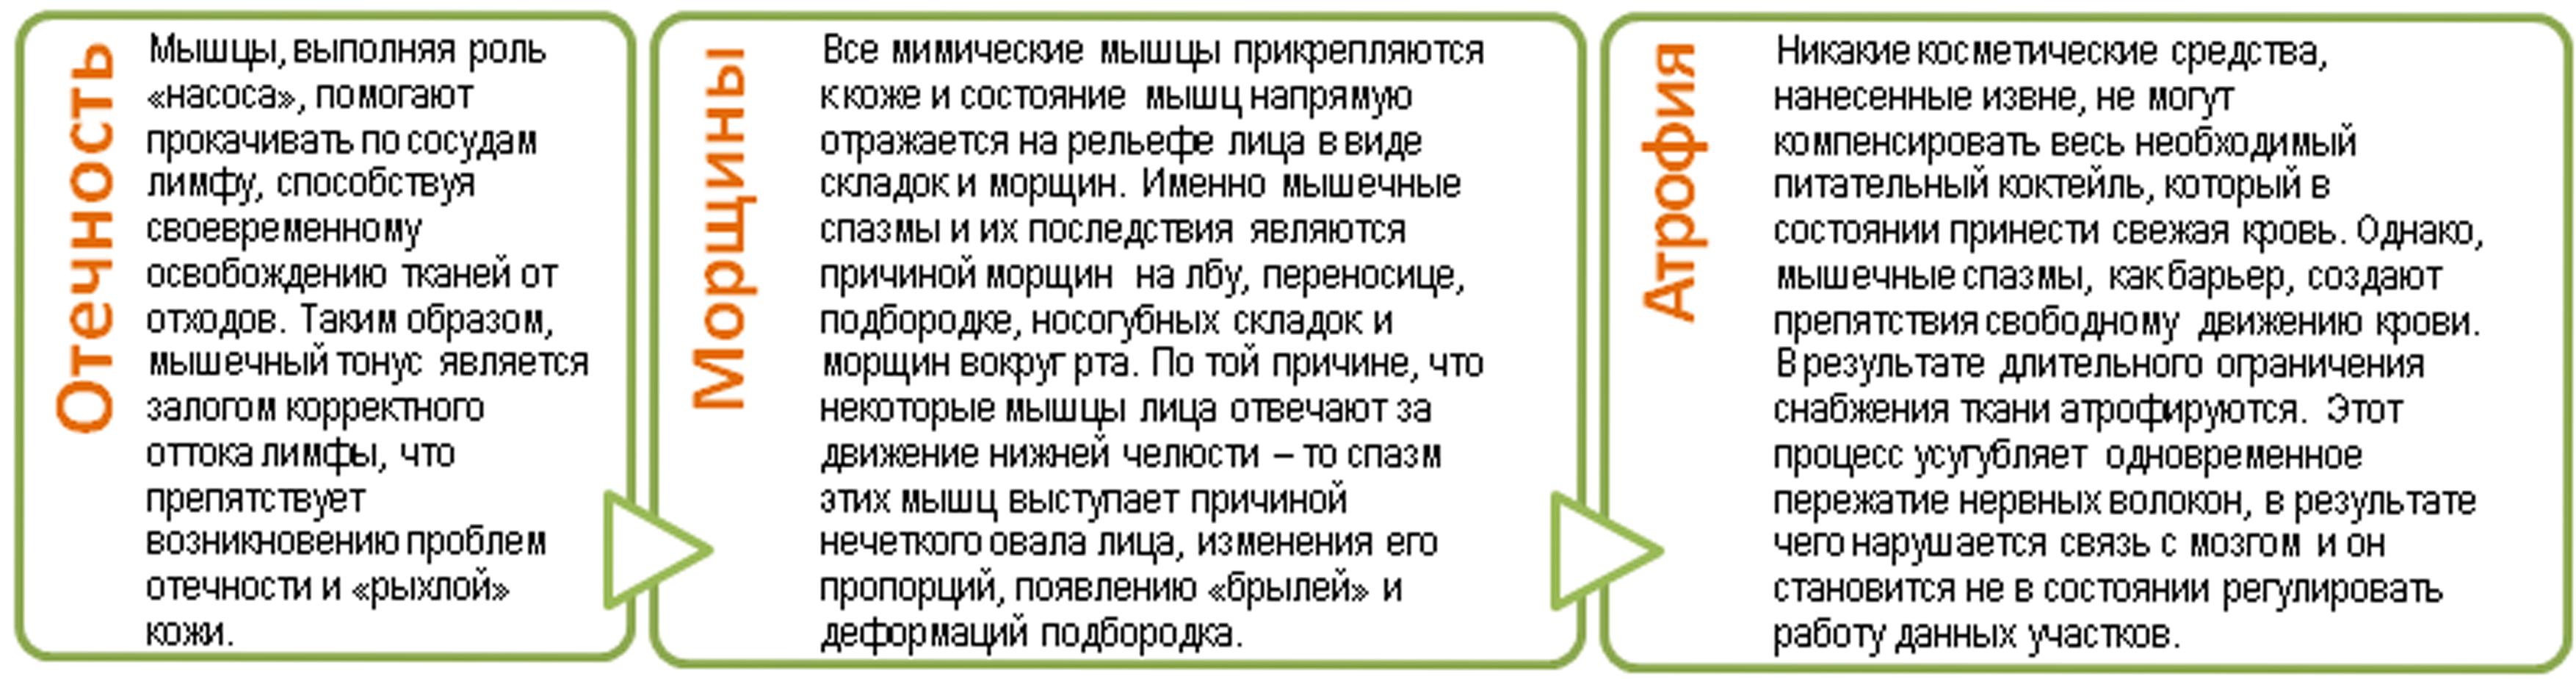 """Альтернатива пластике и ботоксу! Массаж лица """"ПИР"""" от 65 руб. + бонусы"""